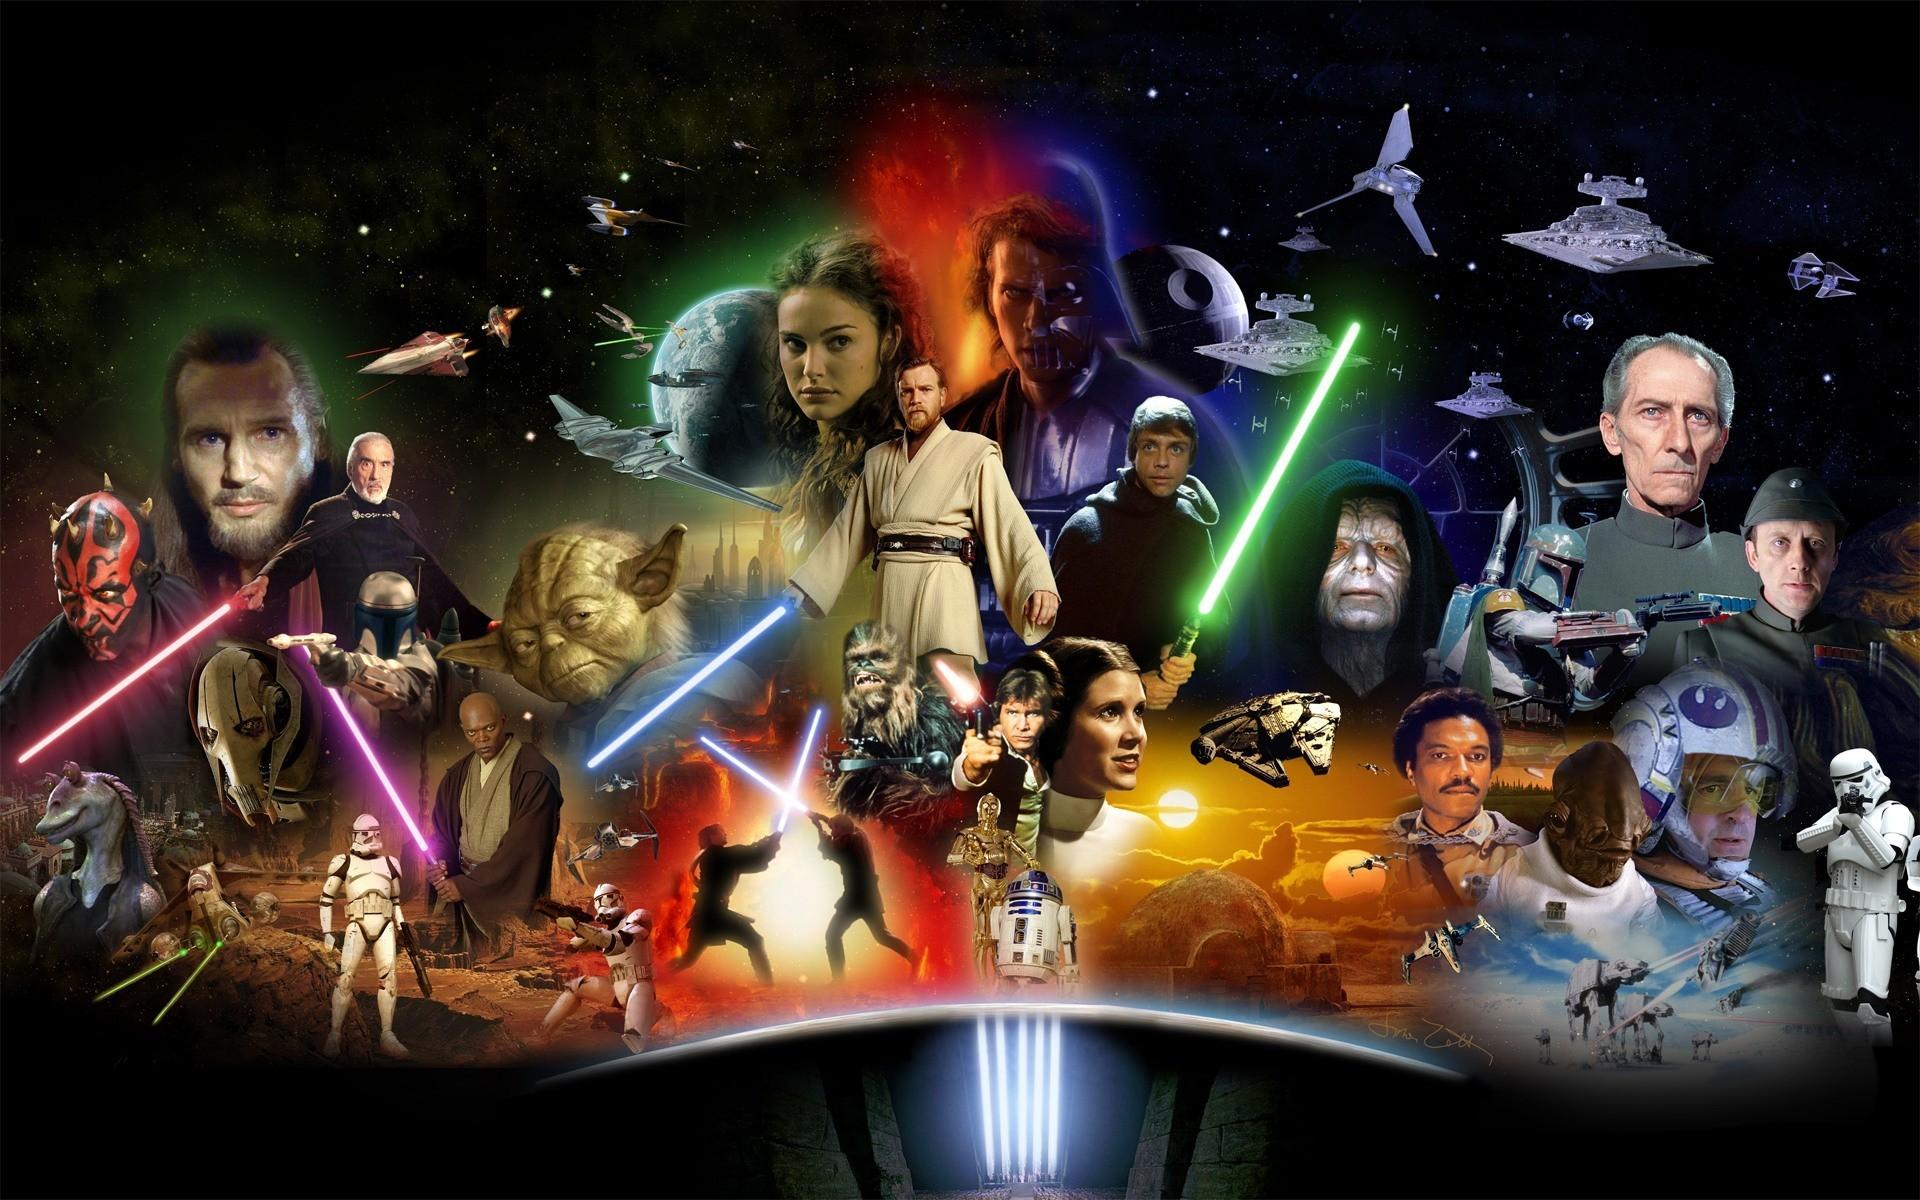 starwars - Viaggiare in un saga stellare con i prodotti di Star Wars più incredibili